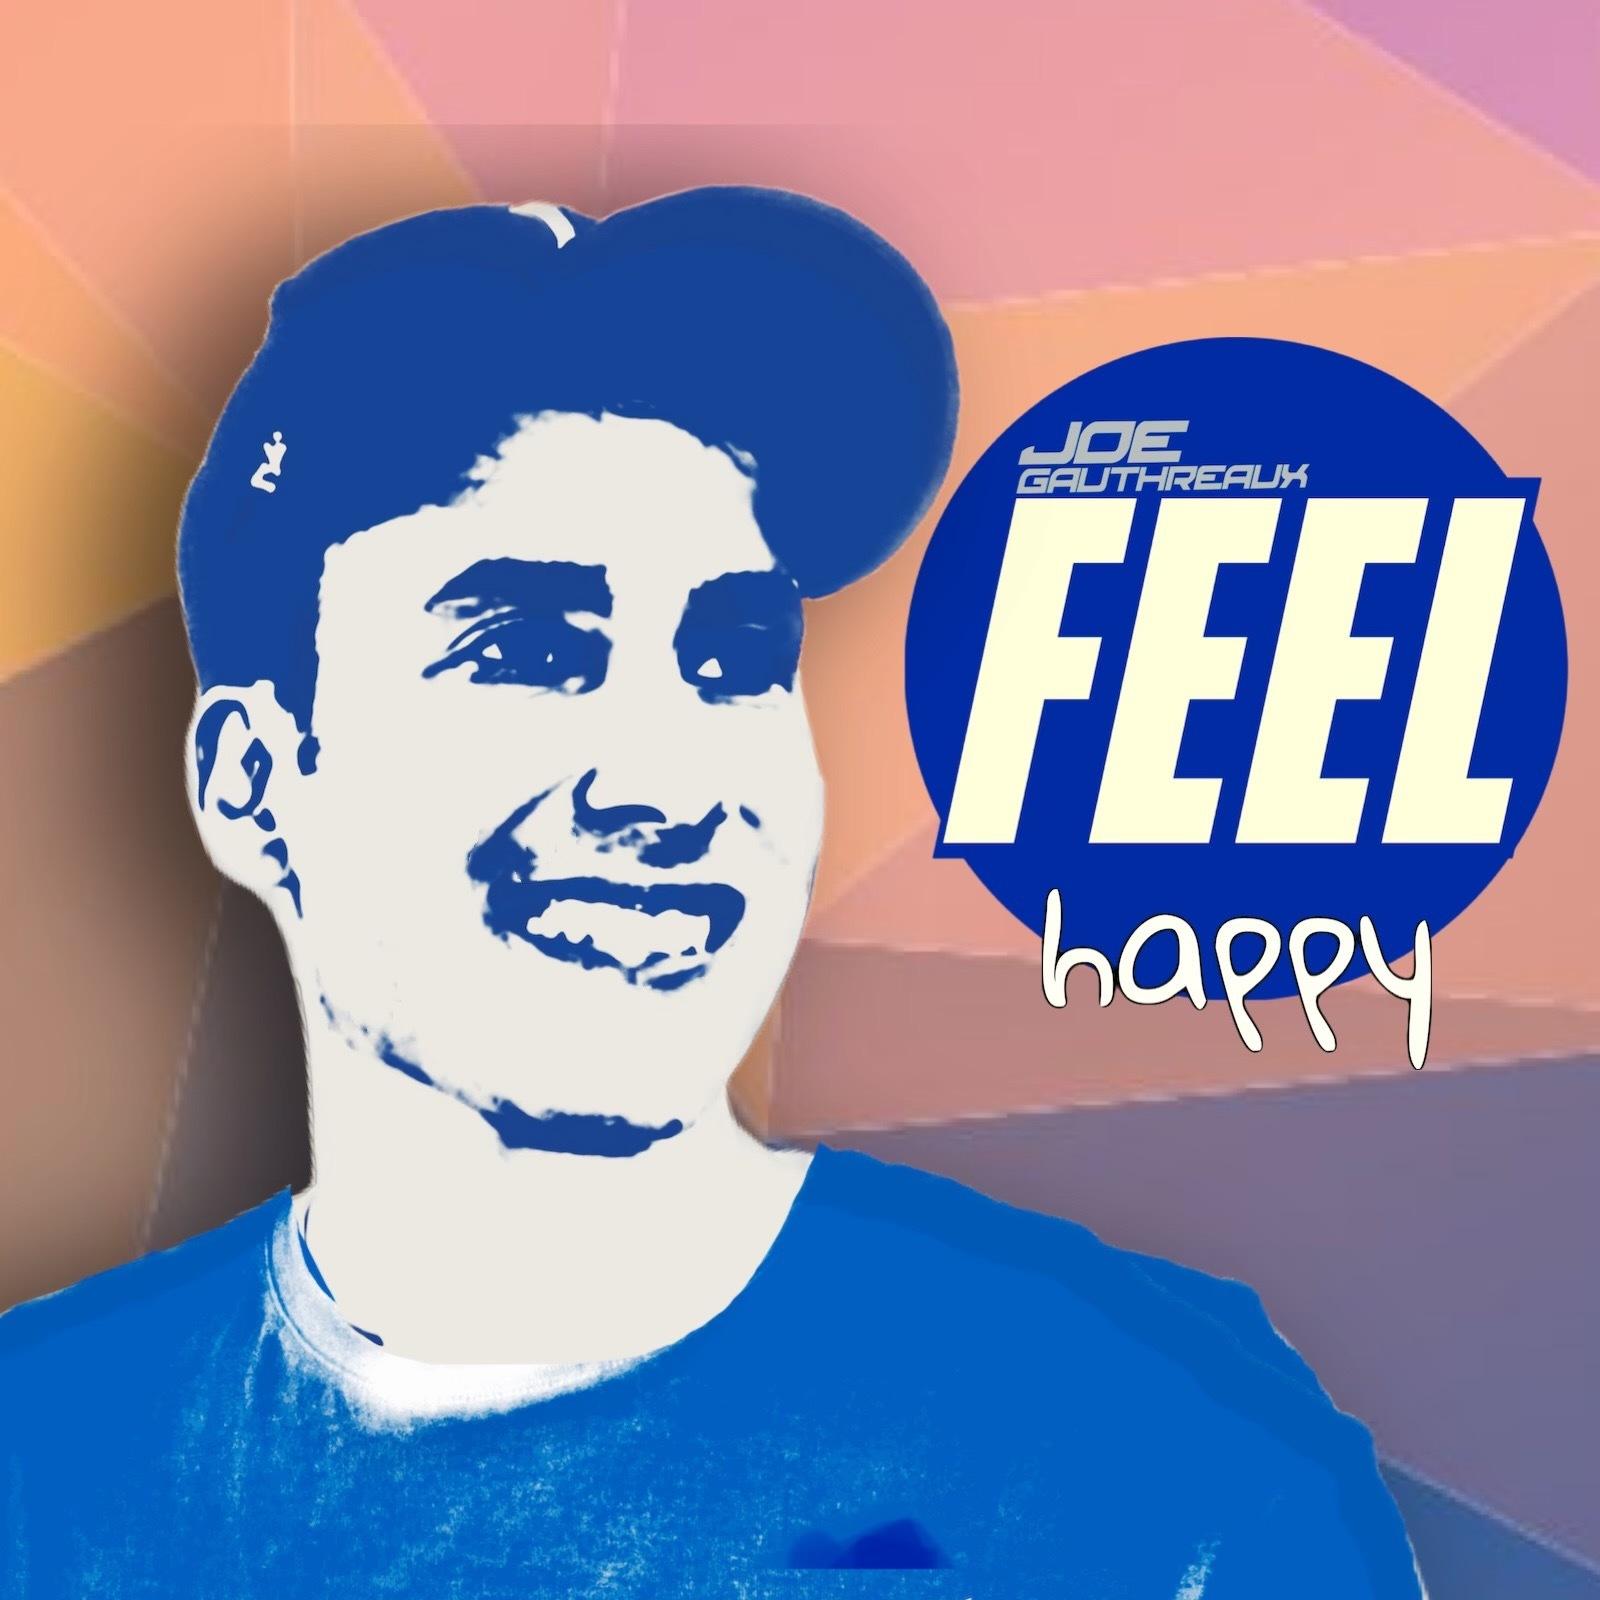 FEEL Happy . January 2021 . Joe Gauthreaux's Podcast